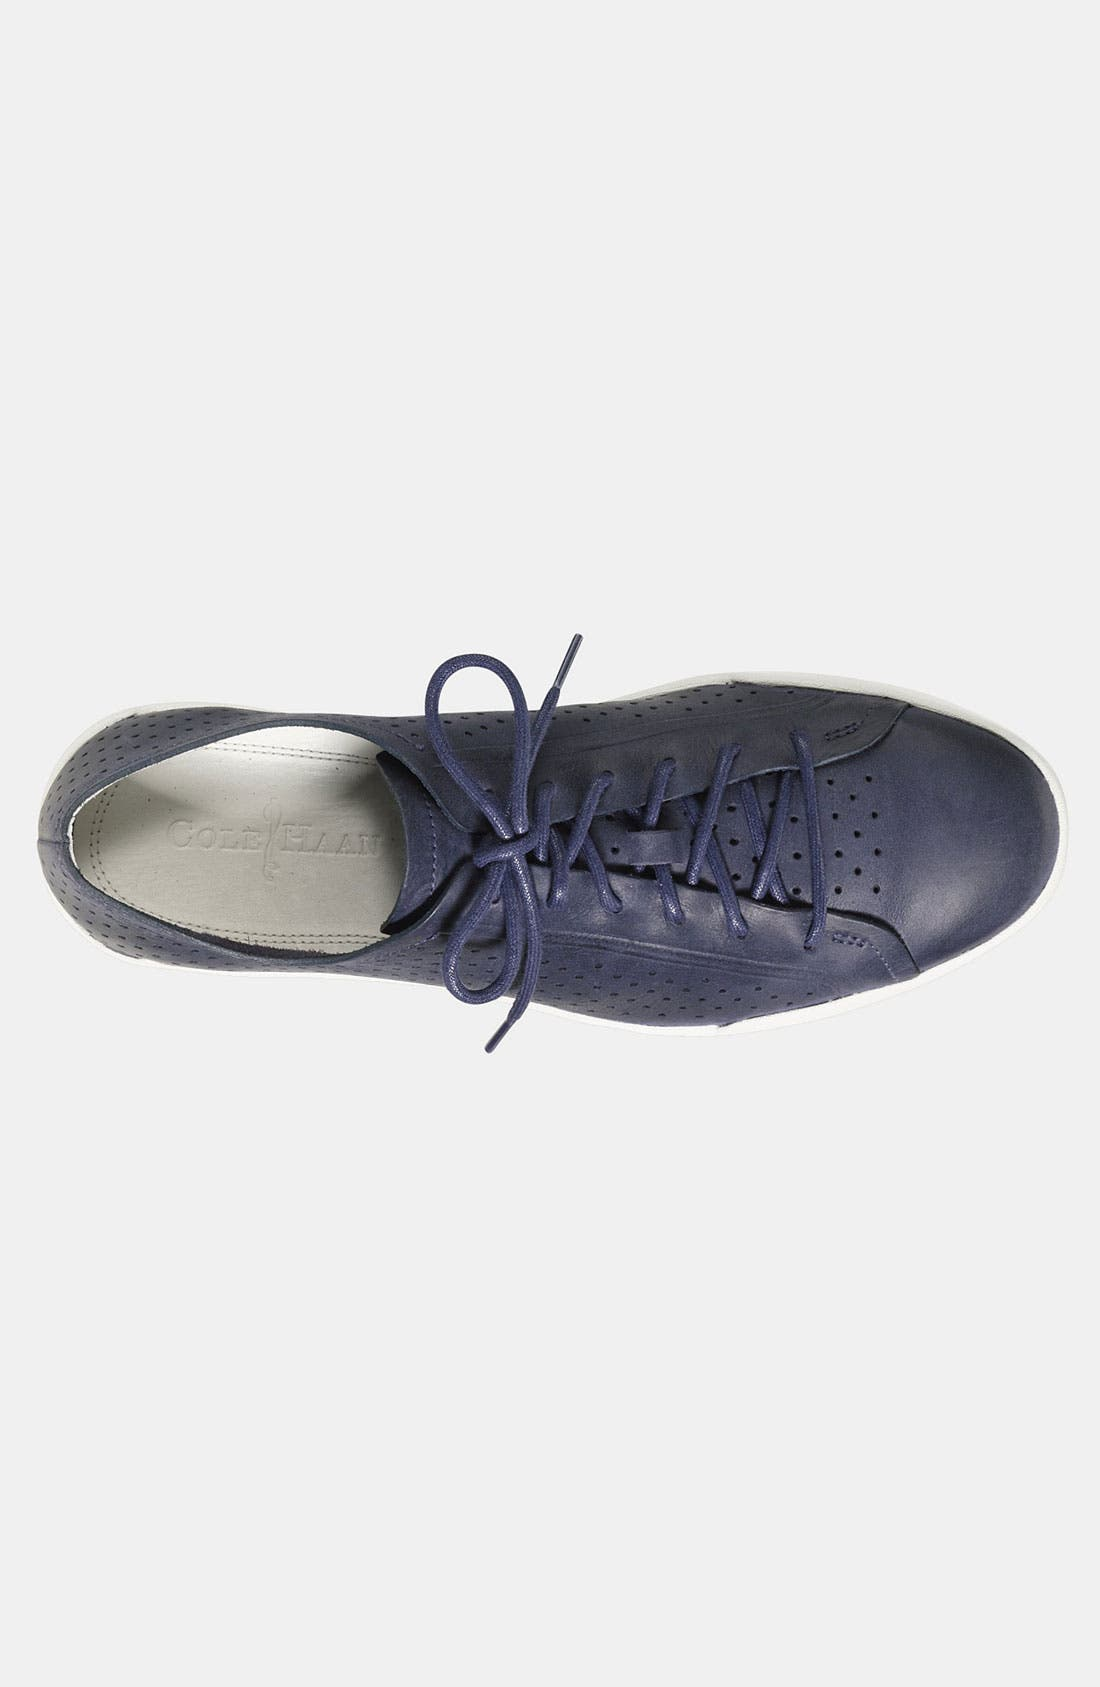 Alternate Image 3  - Cole Haan 'Air Jasper' Sneaker